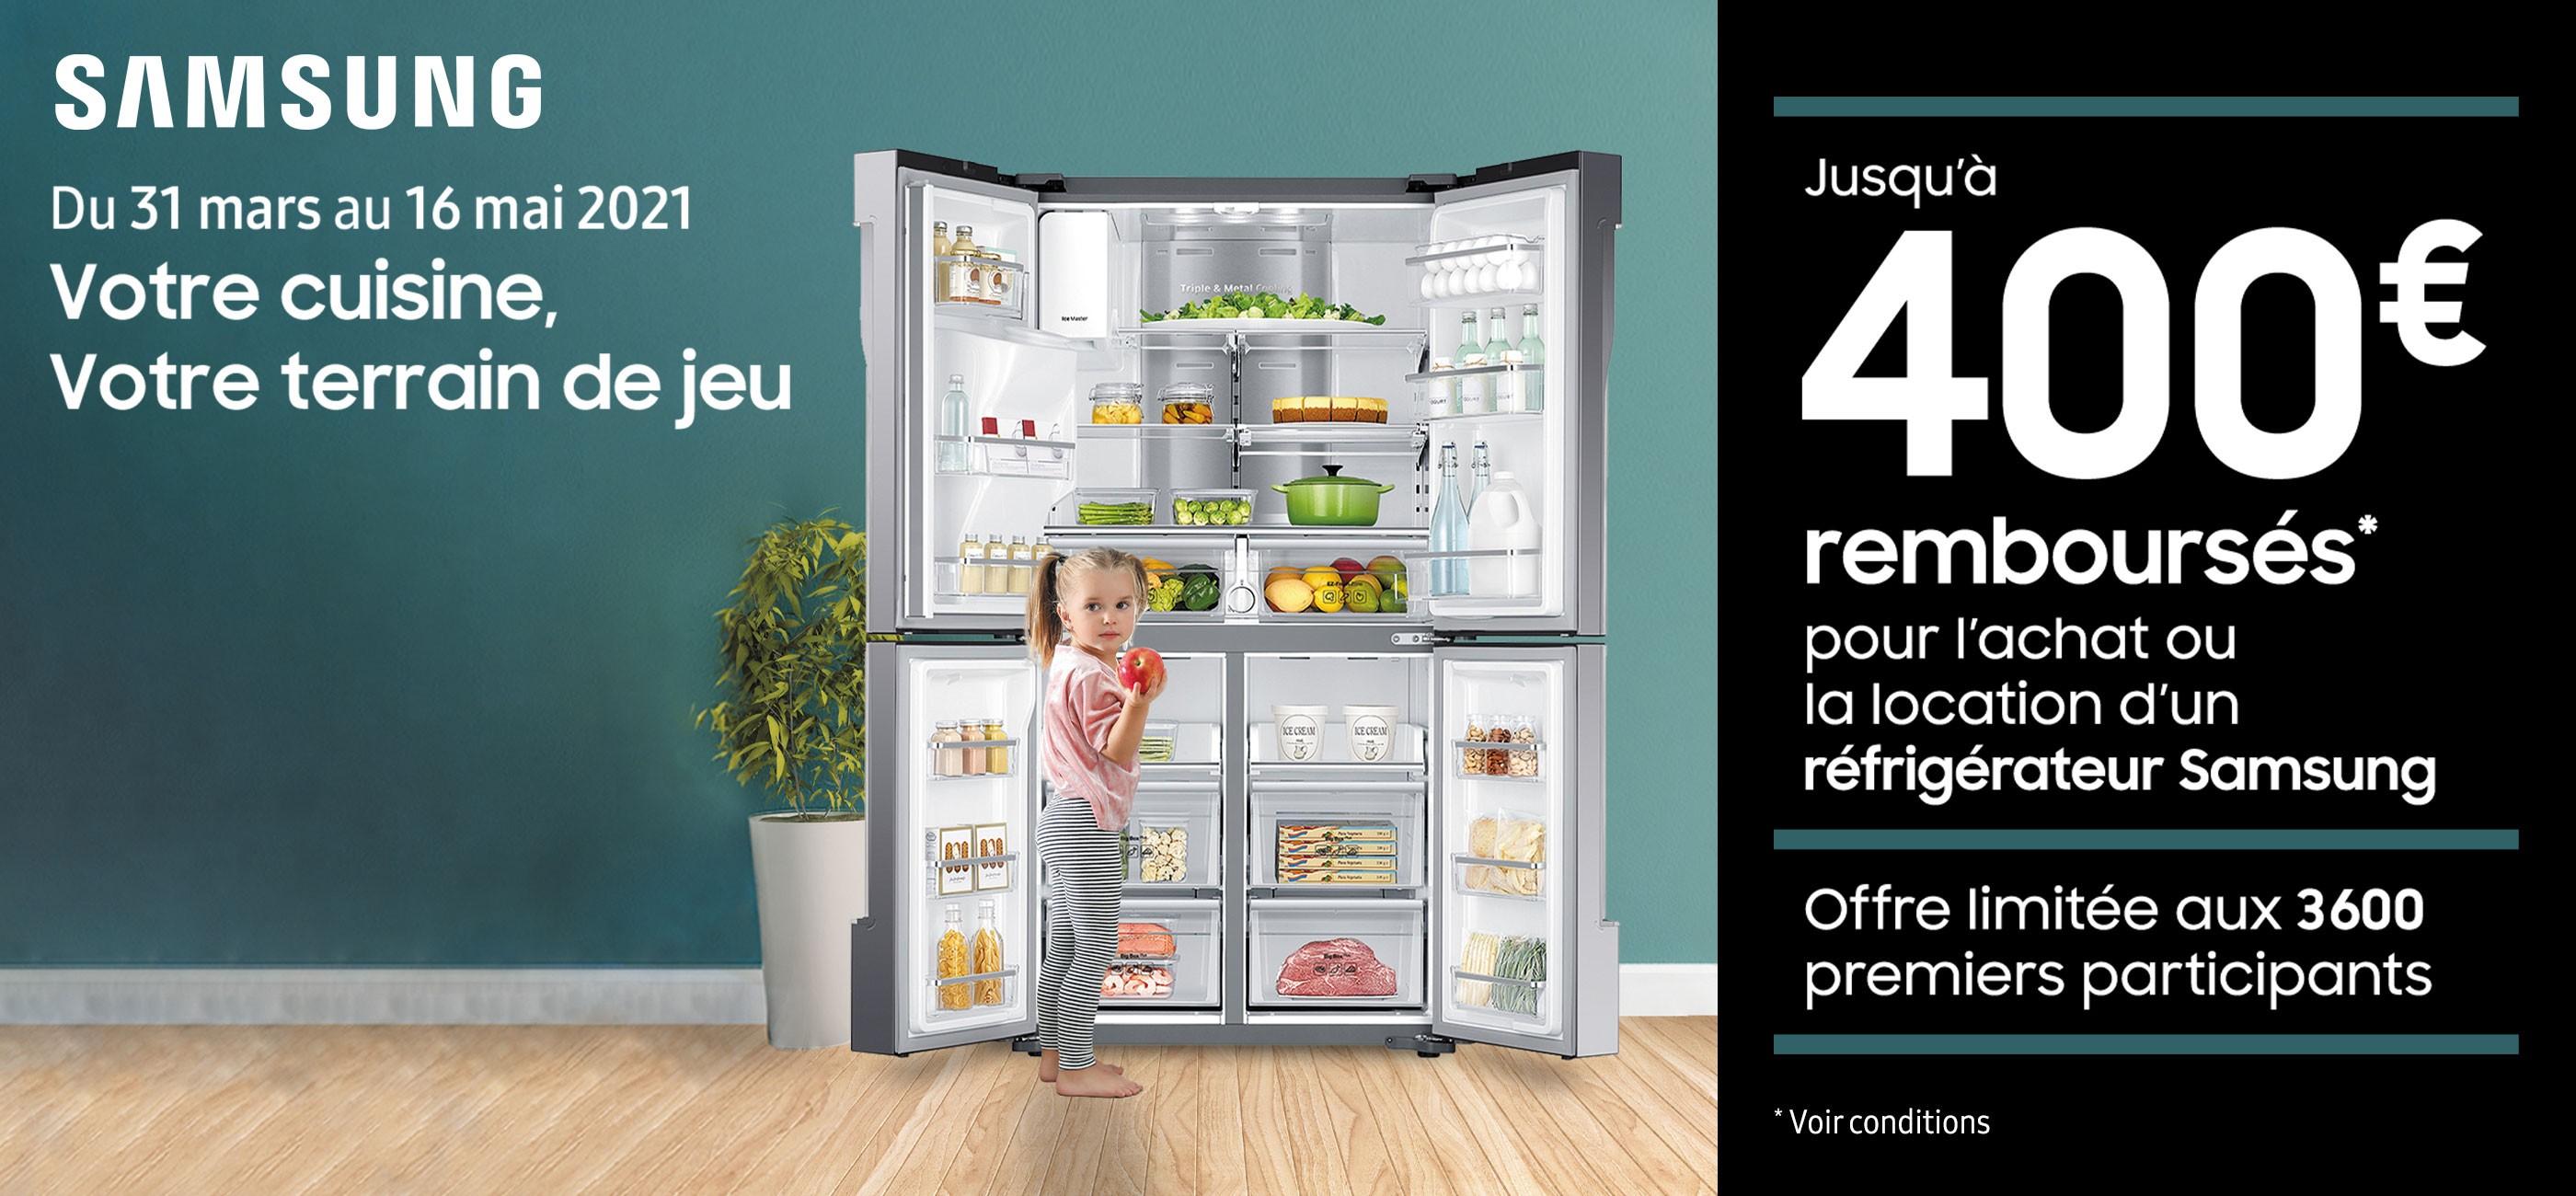 Samsung 400 euros remboursés sur une sélection de réfrigérateurs